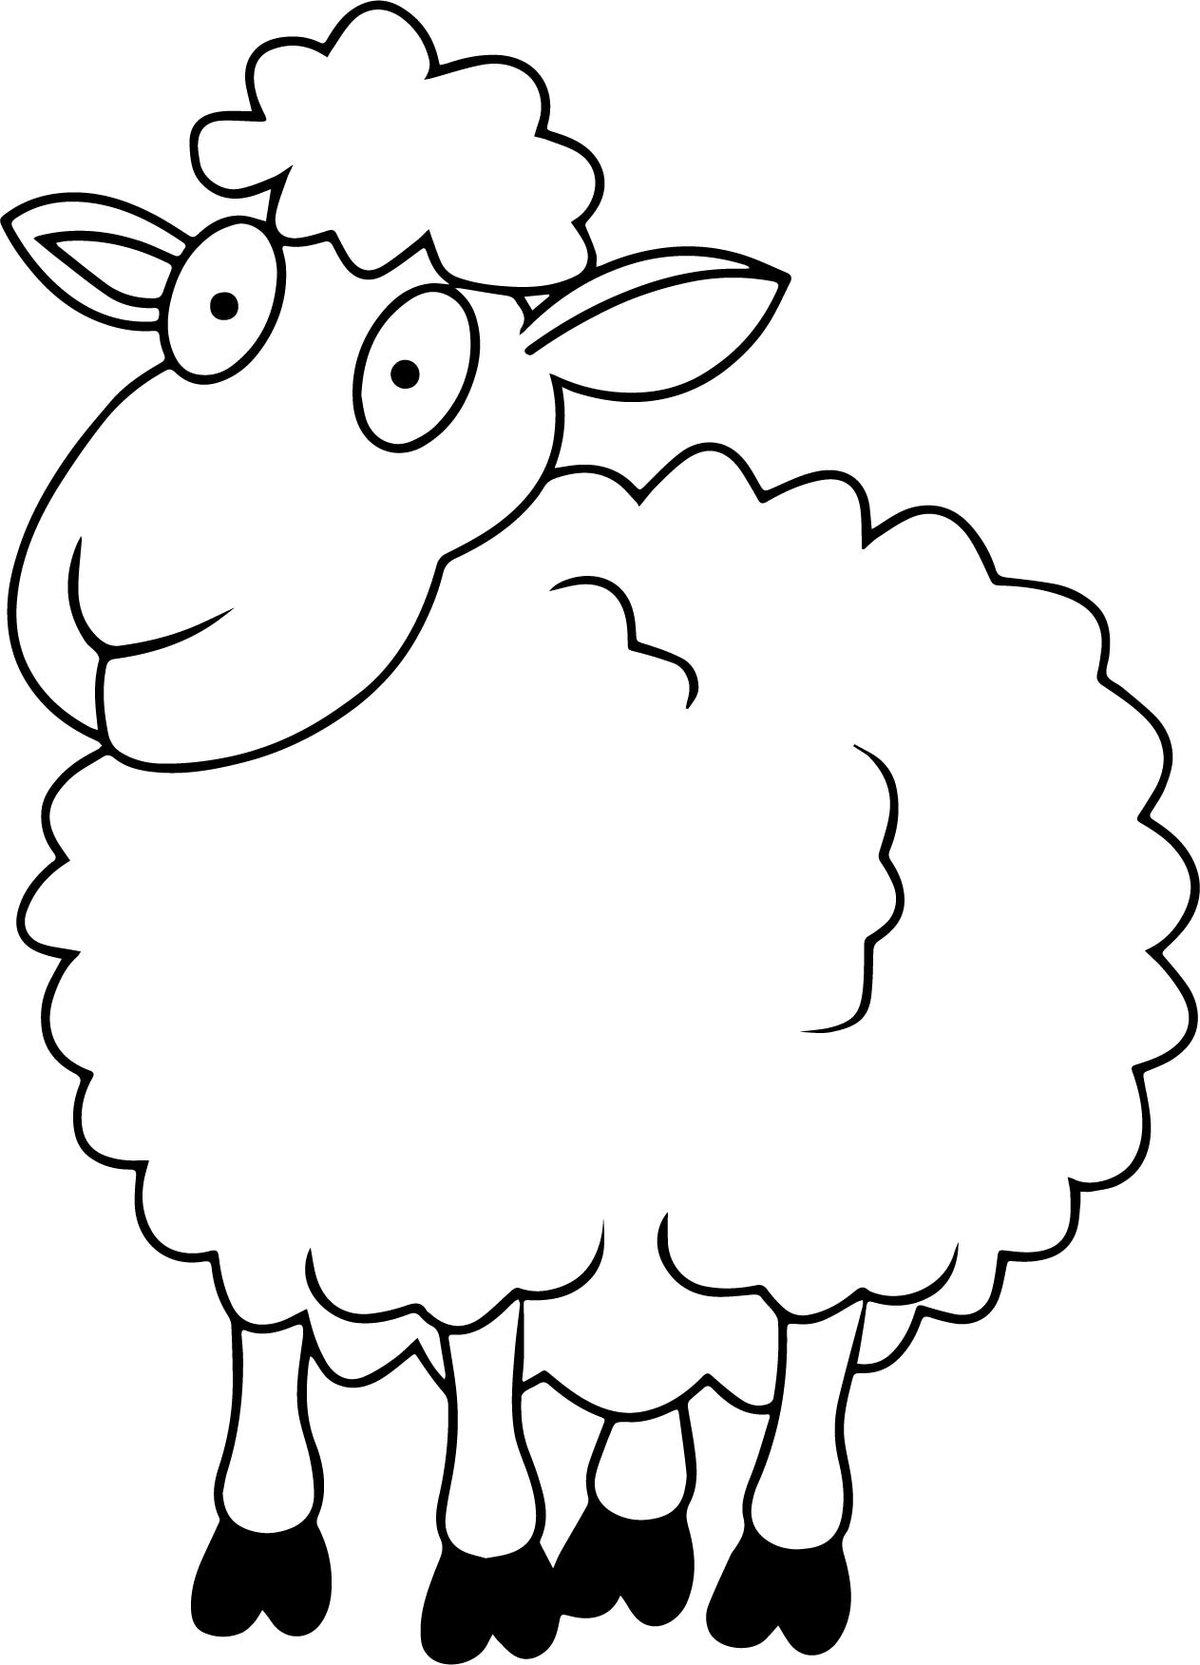 Картинки овечек нарисованные, красивые прикольные гифки